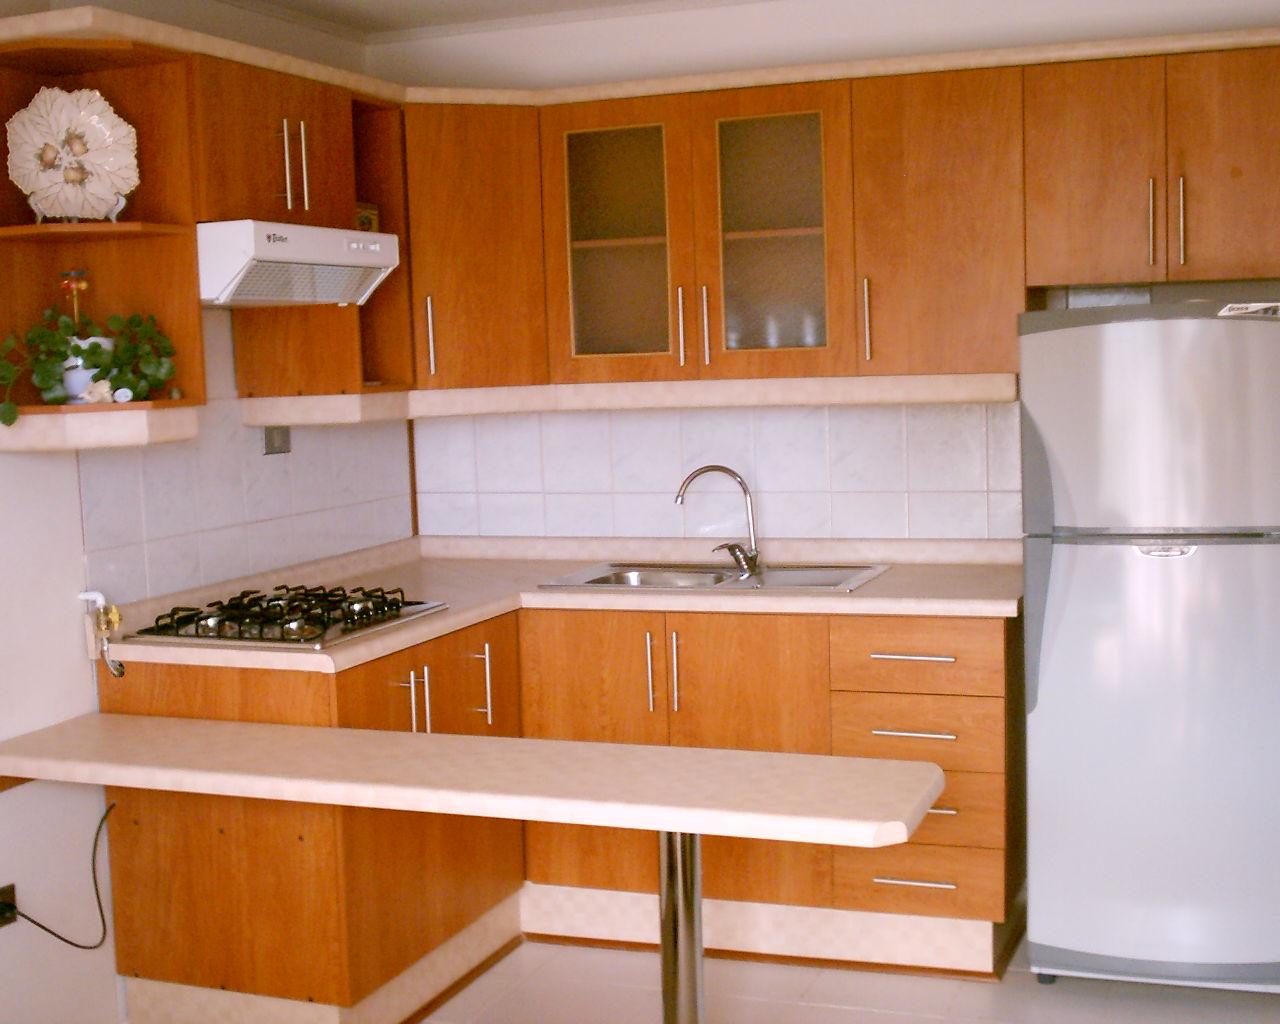 Gabinetes de cocina peque a sencillos ideas for Gabinetes en cemento